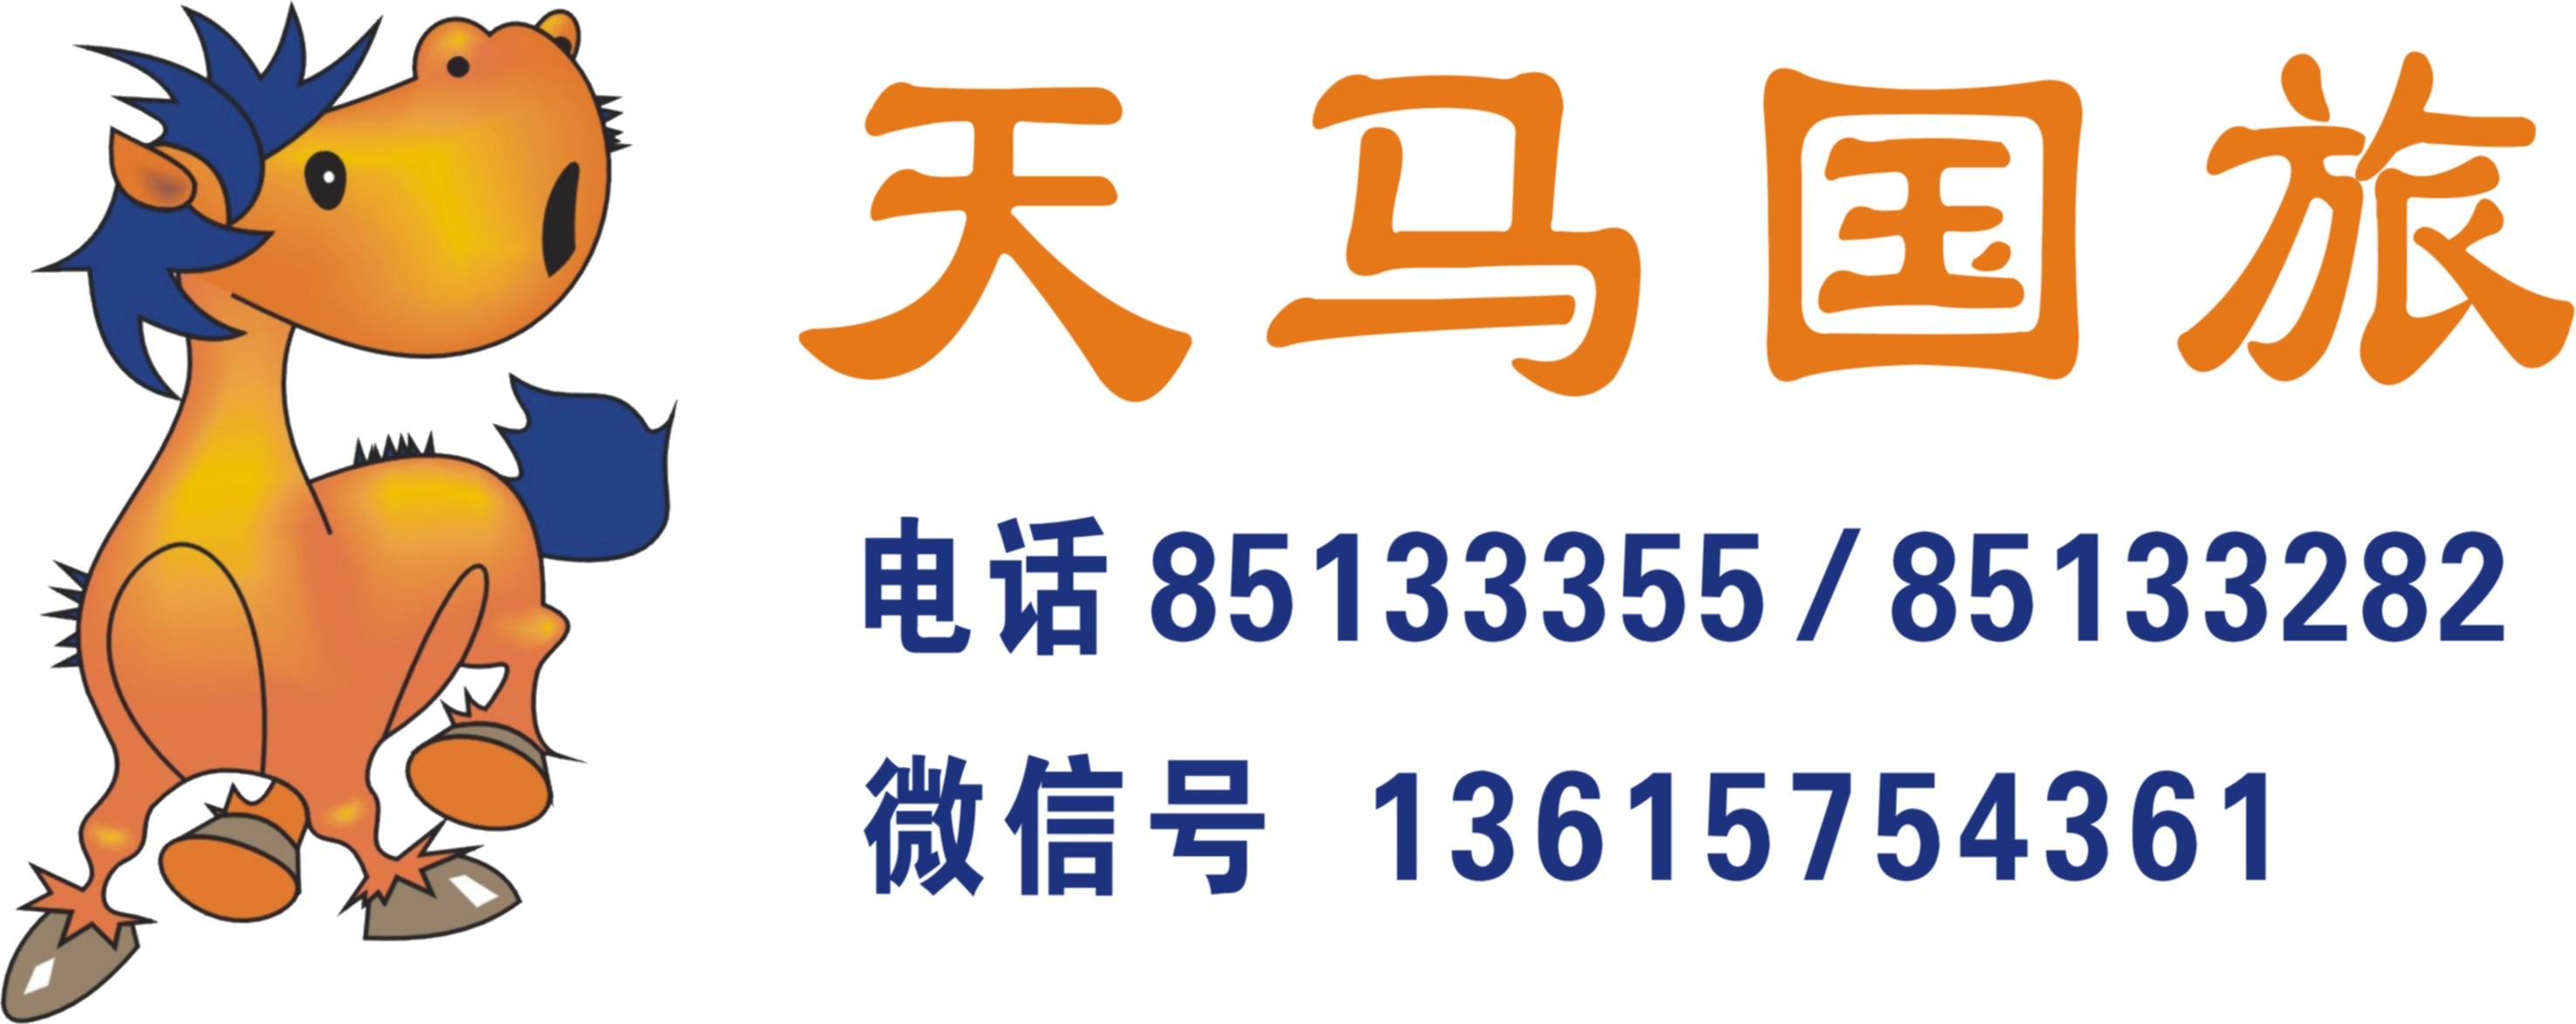 11月【夕阳红 广西南宁、北海、巴马、德天、通灵双飞六日】